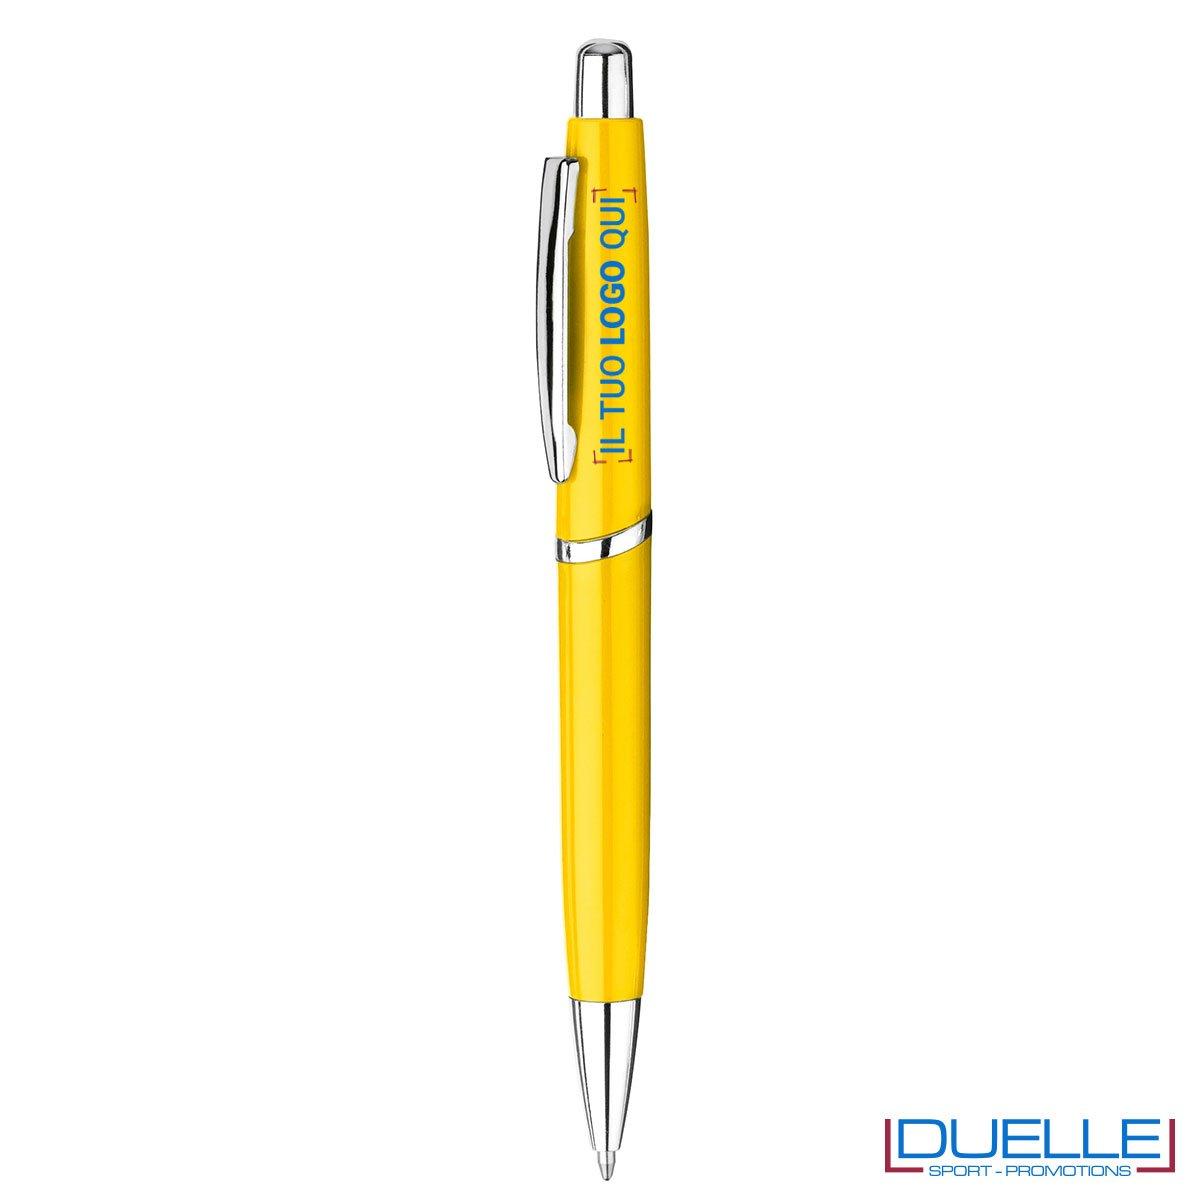 Penne in plastica personalizzate con stampa colore giallo